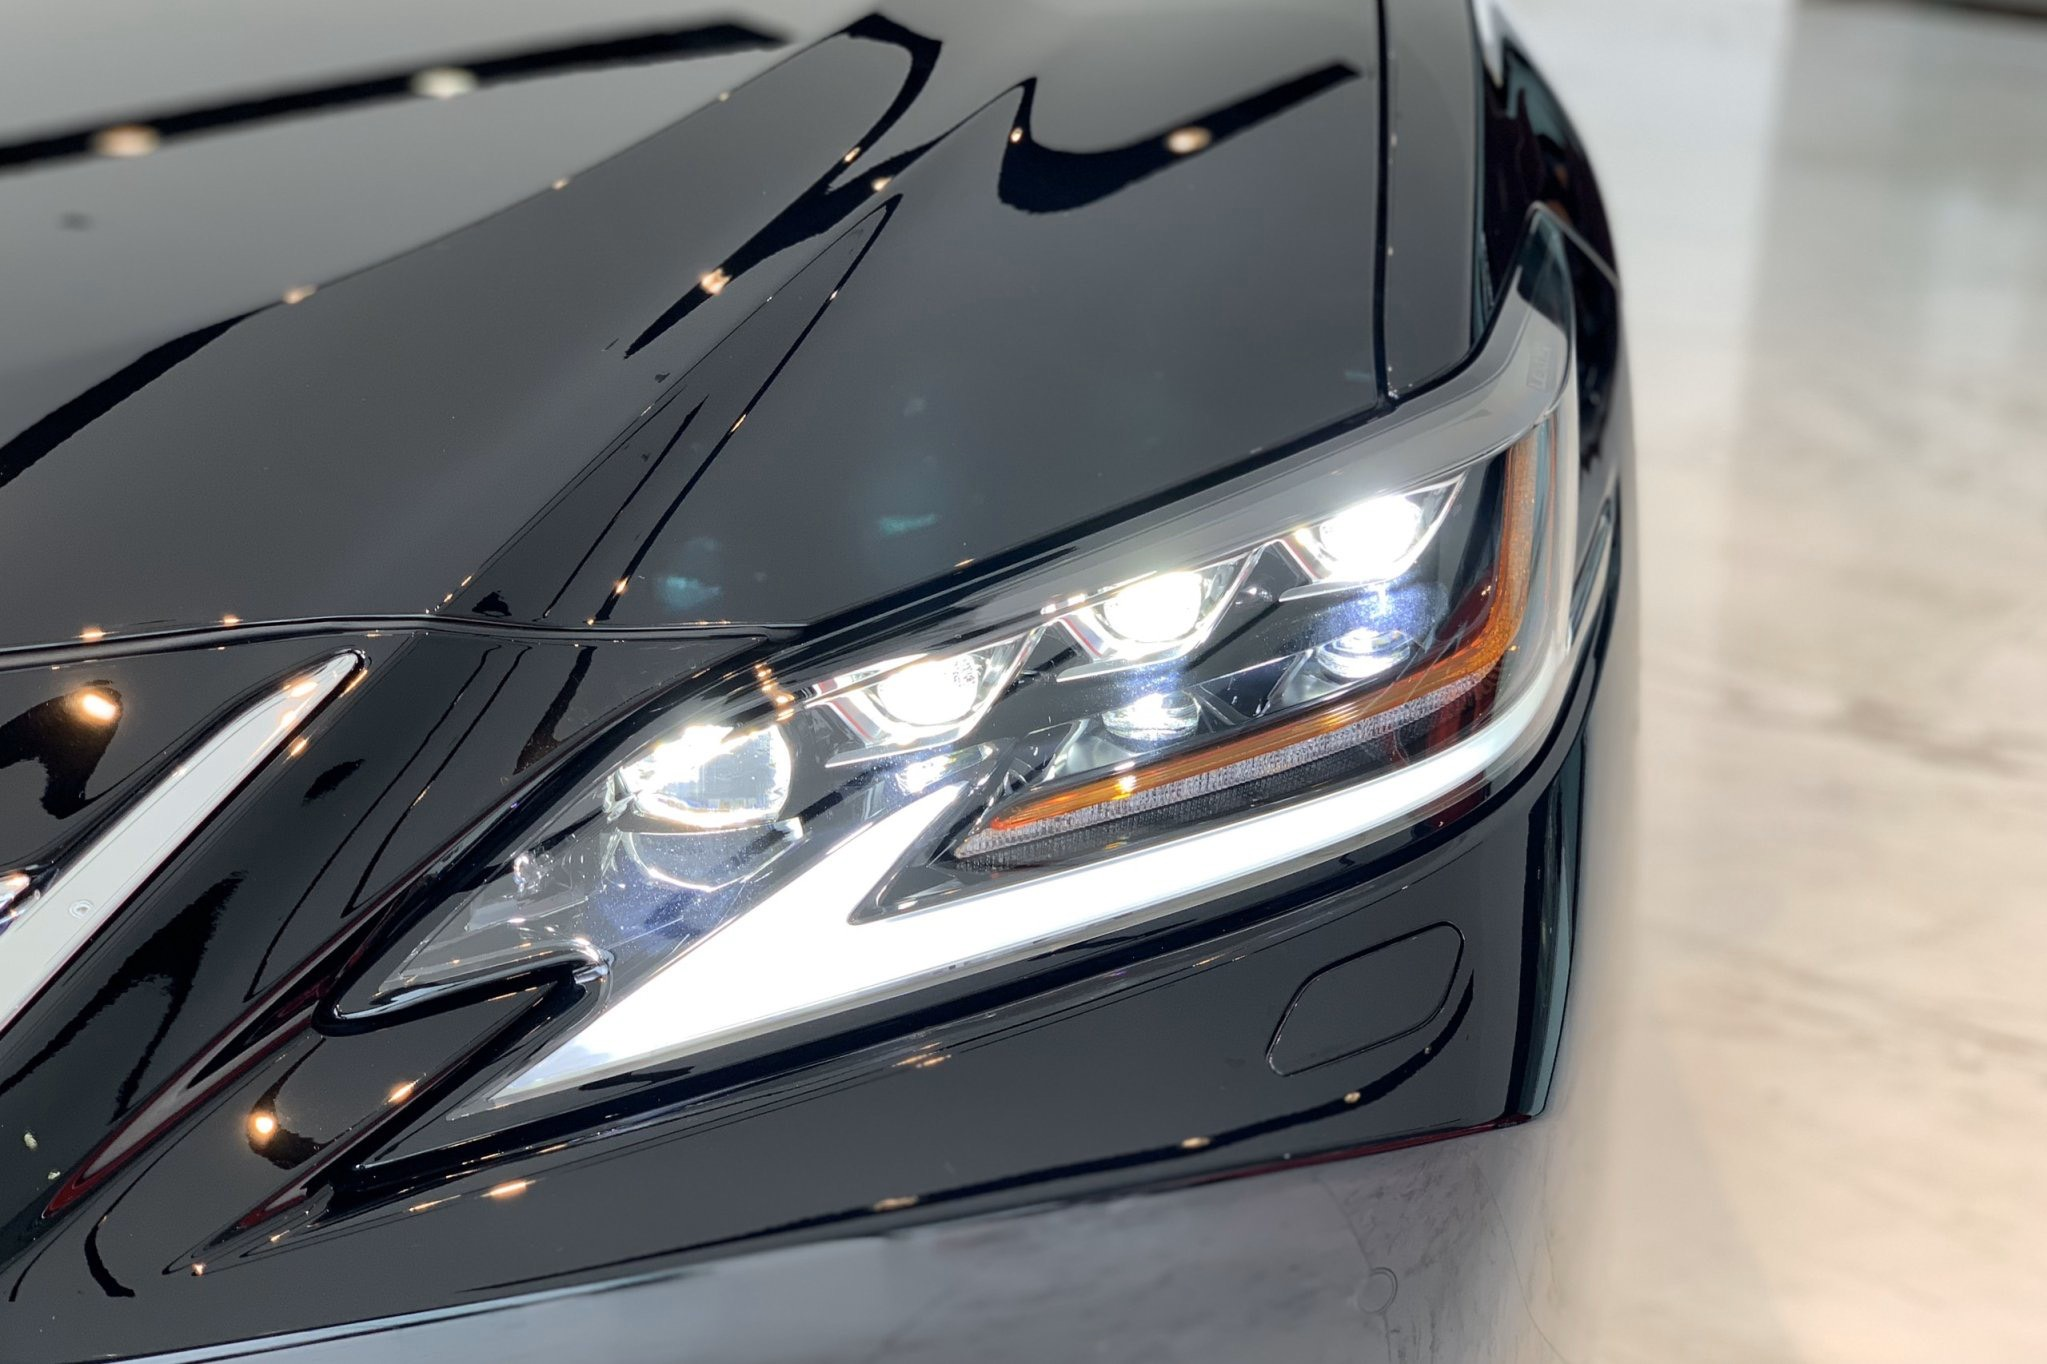 Cụm đèn pha full LED 3 bóng cao cấp tăng cường khả năng chiếu sáng xa và rộng hơn